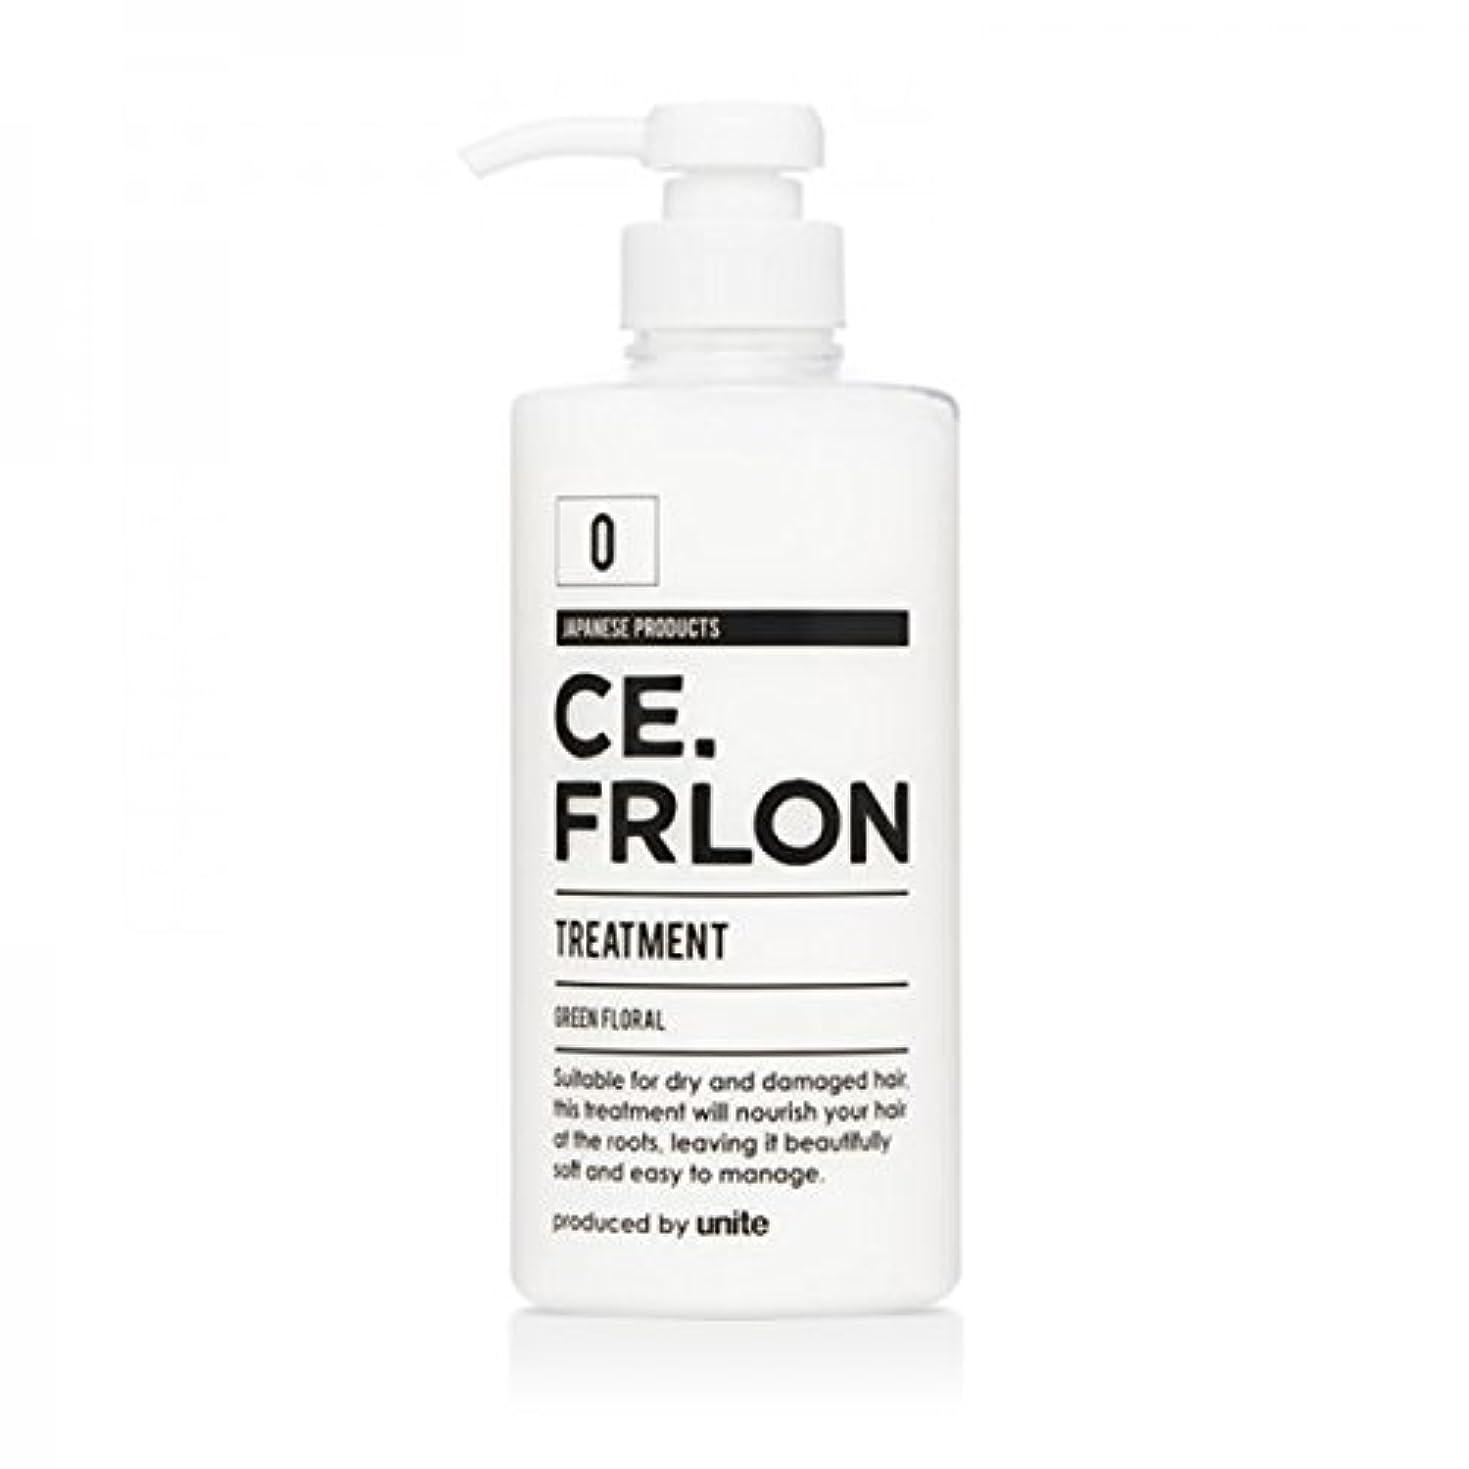 浸したおめでとう先にトリートメント 500g CE.FRLON (美容師が開発したヘアケア商品)